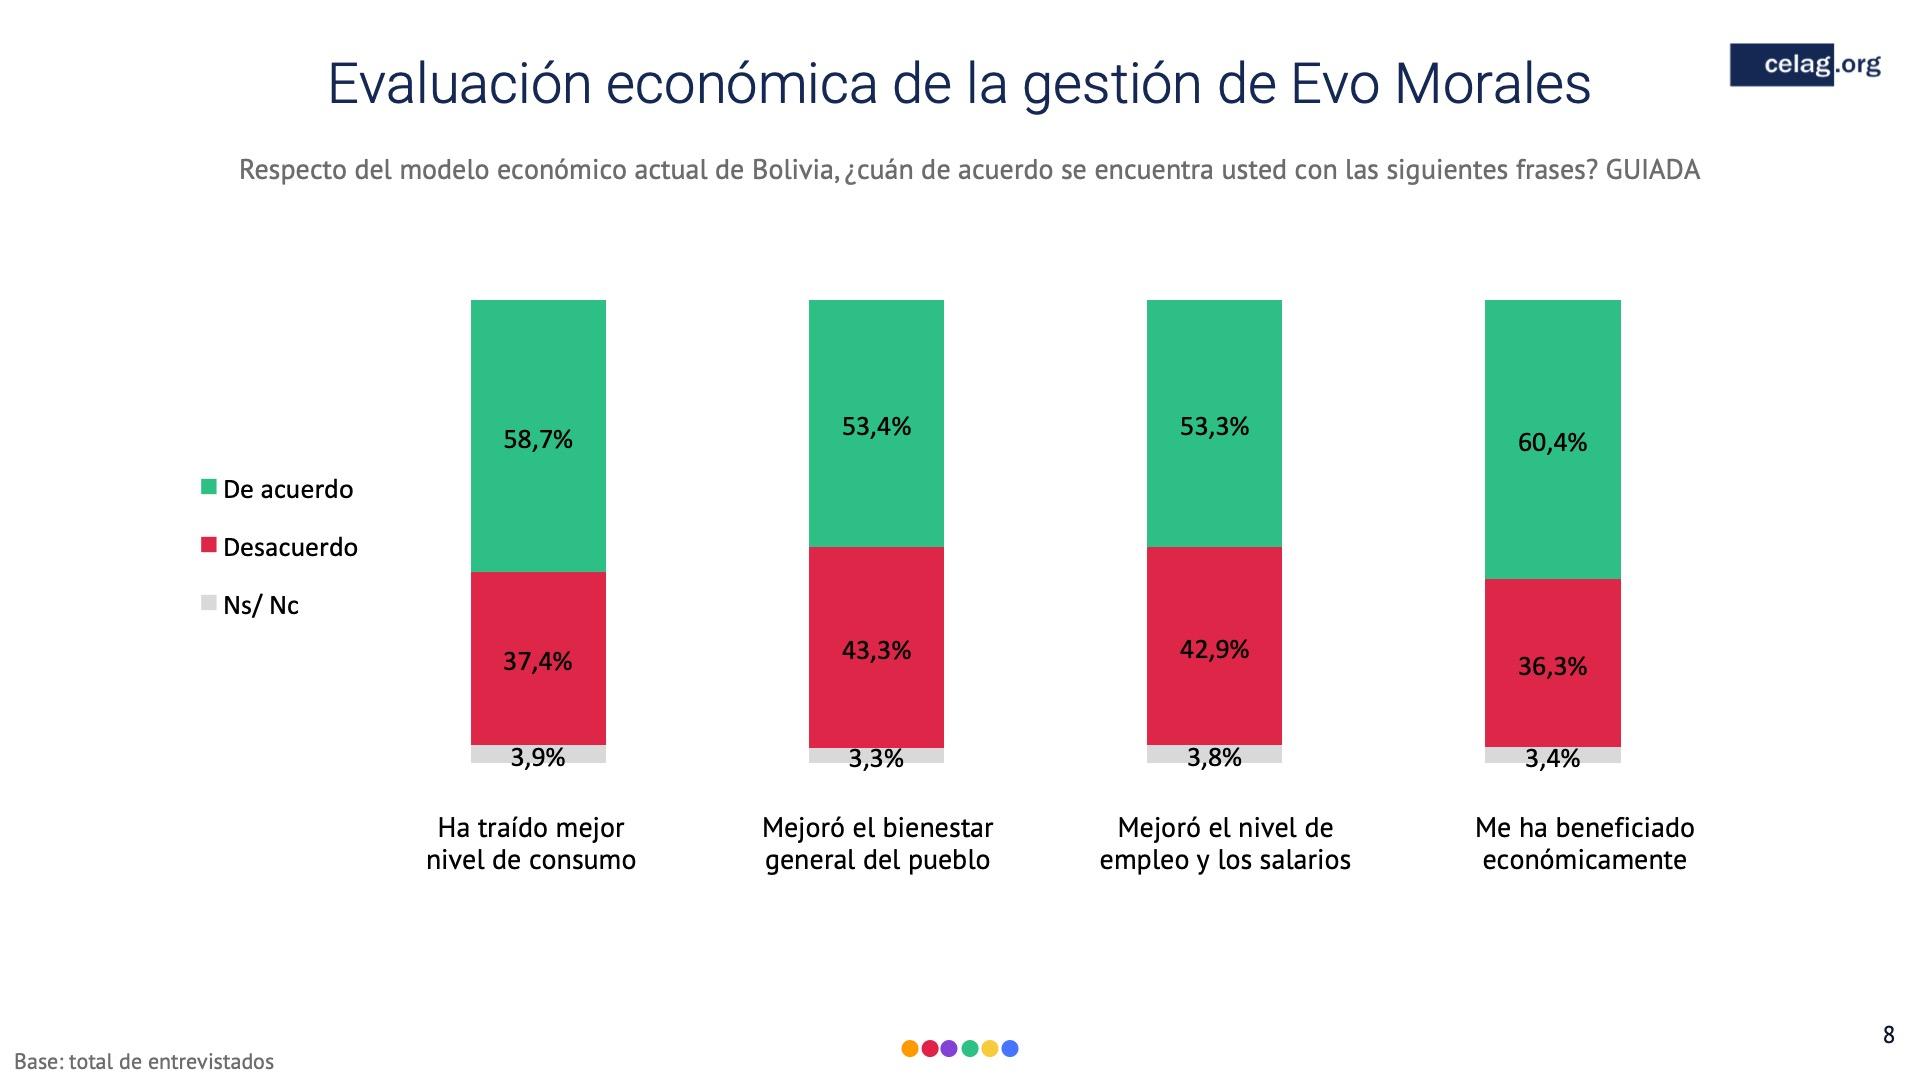 08 Elecciones bolivia Gestion economica evo morales